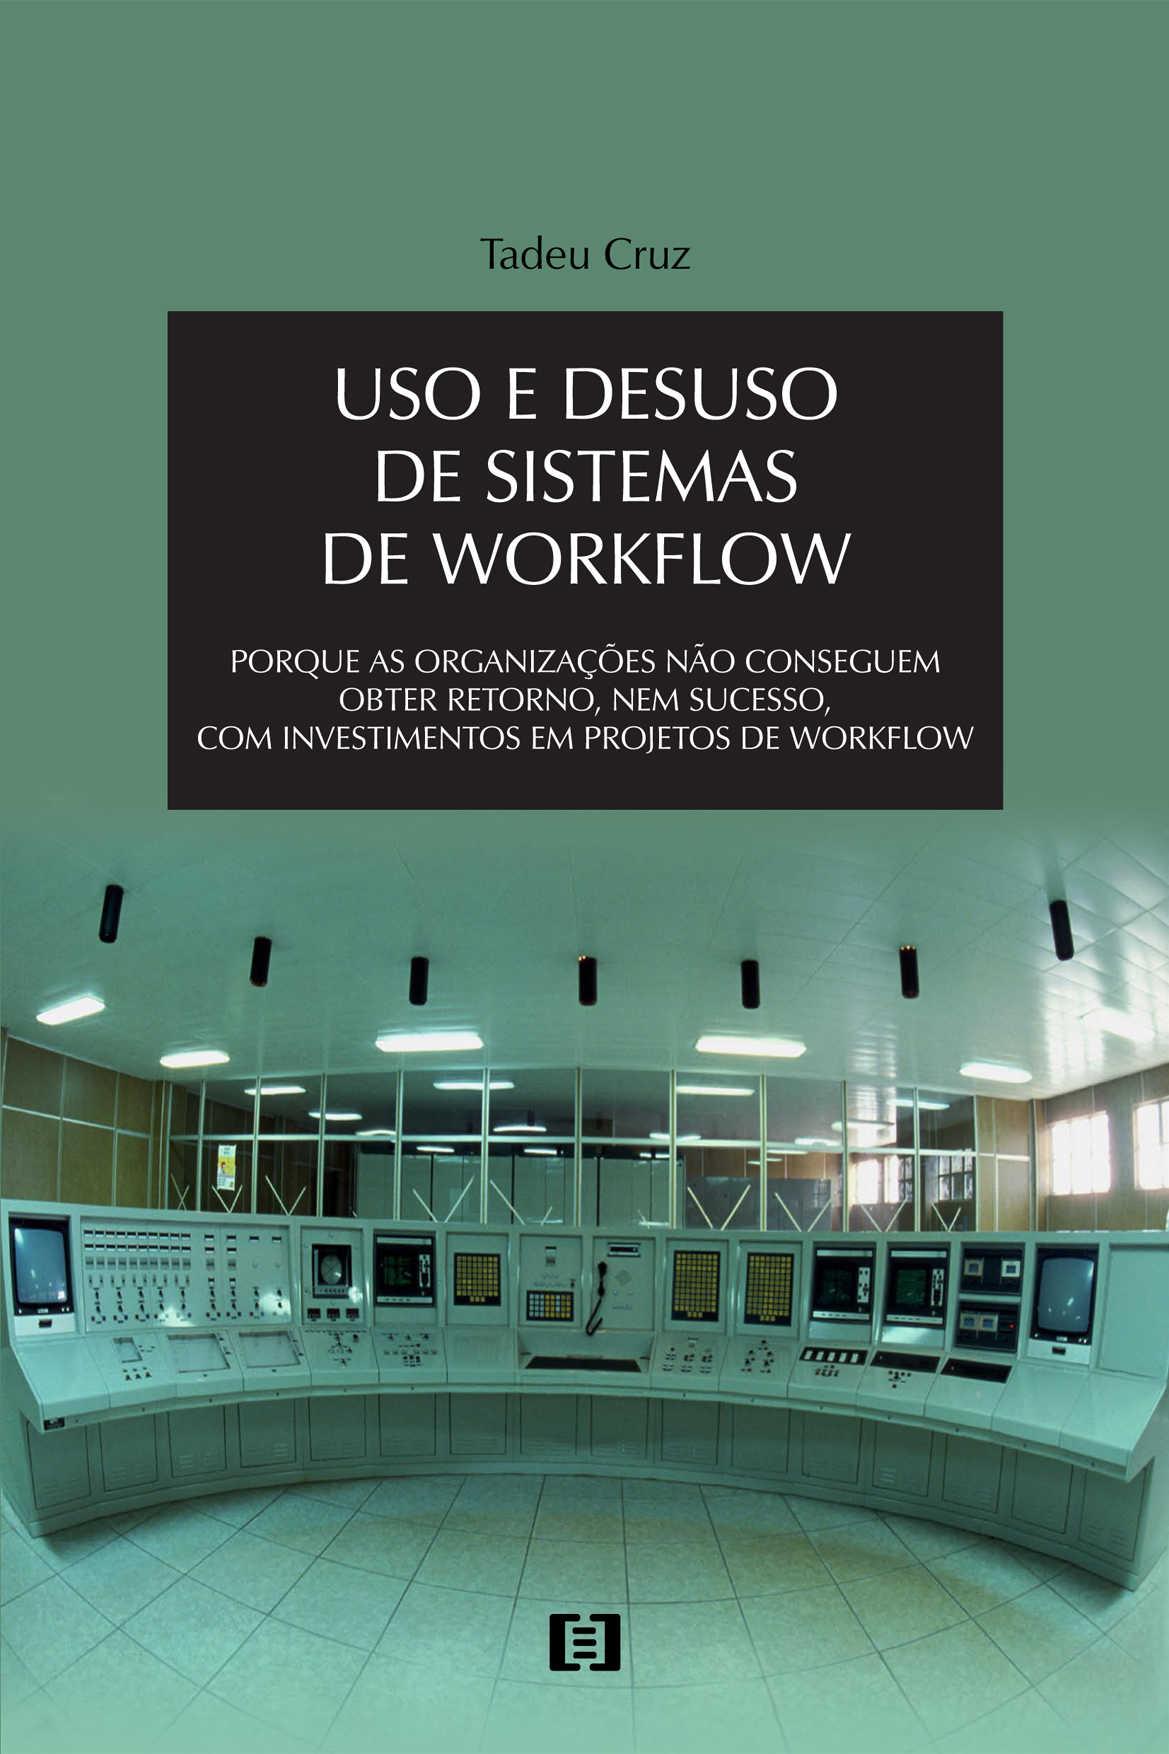 Uso e desuso de sistemas de Workflow: Porque as organizações não conseguem obter retorno com investimentos em projetos de Workflow